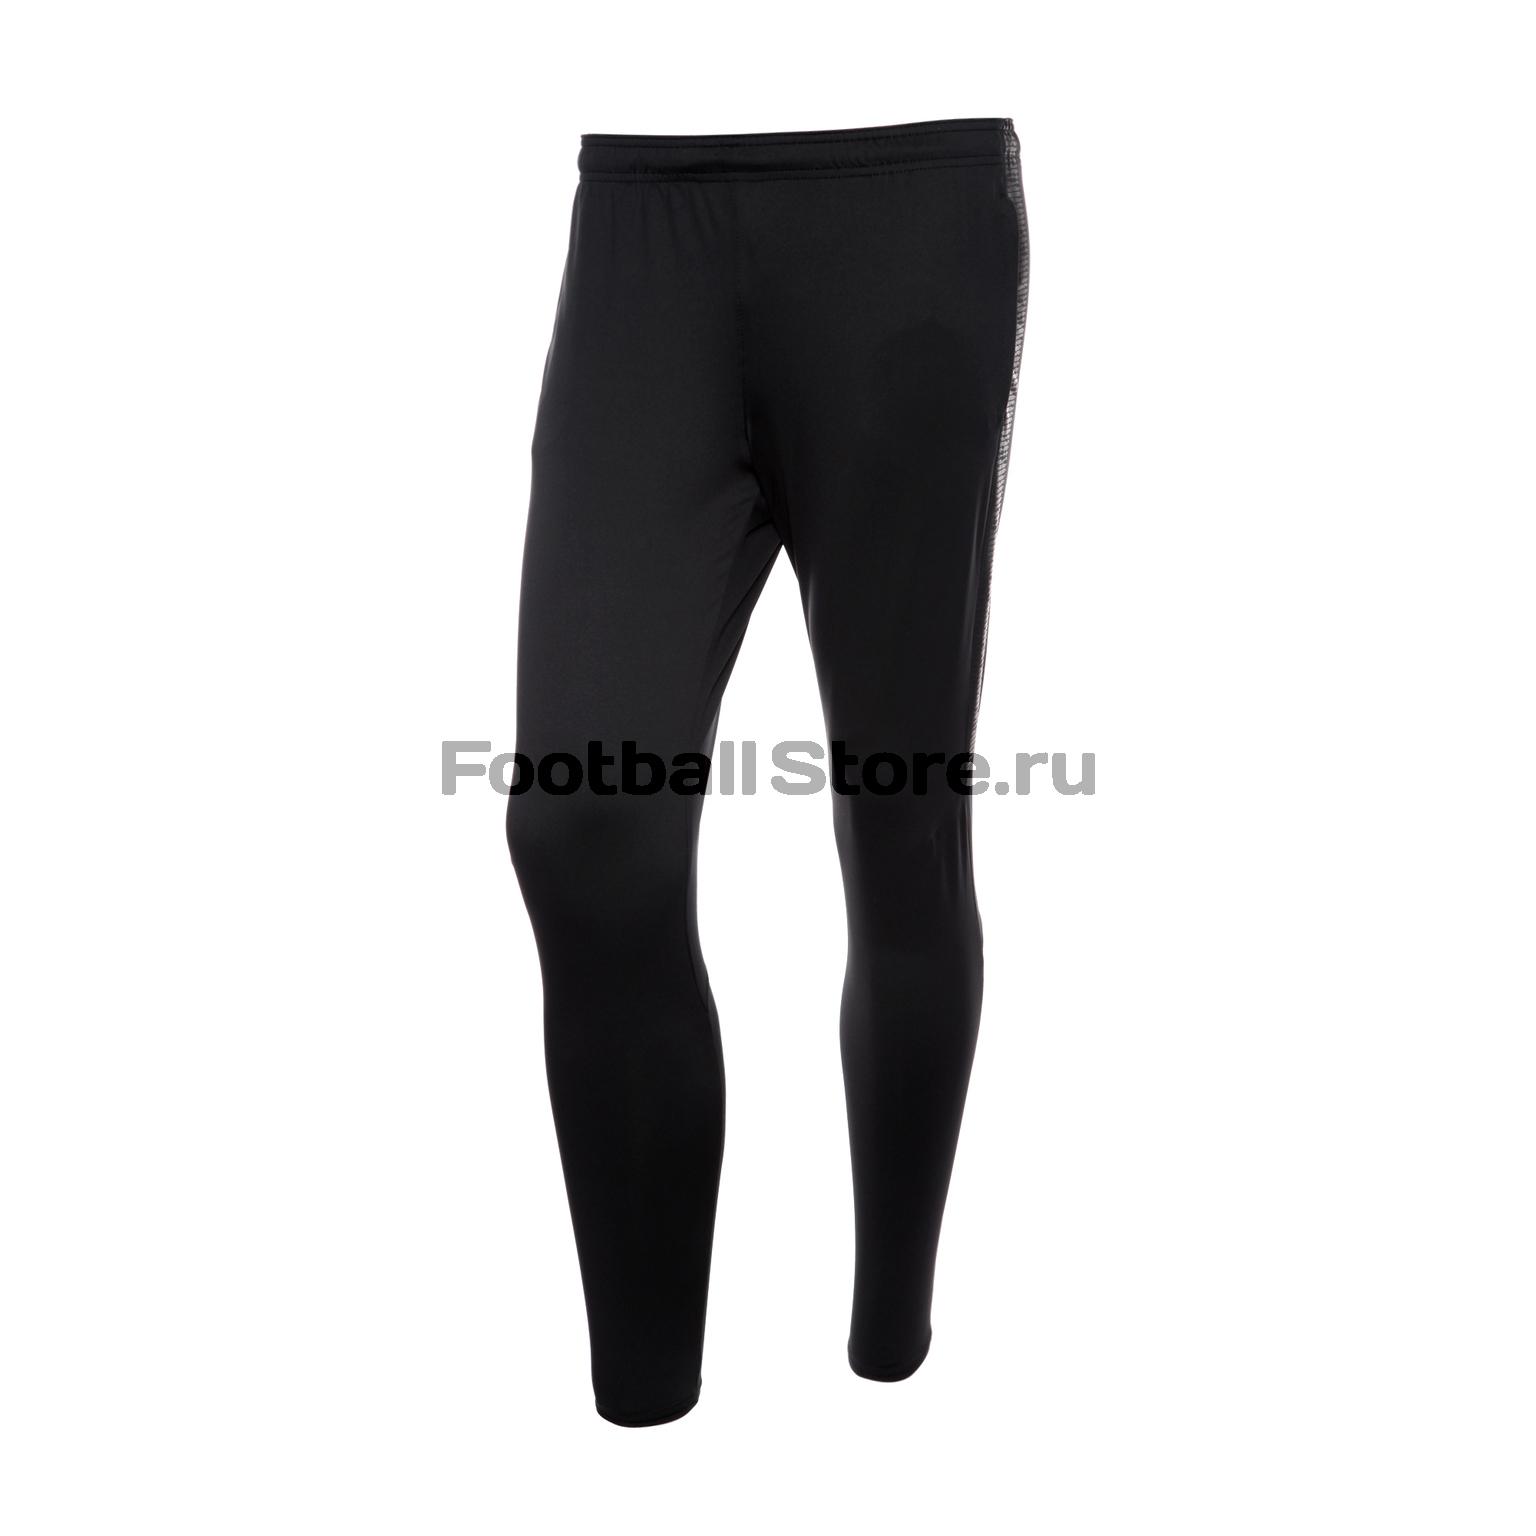 Брюки тренировочные Nike Dry Pant 859225-011